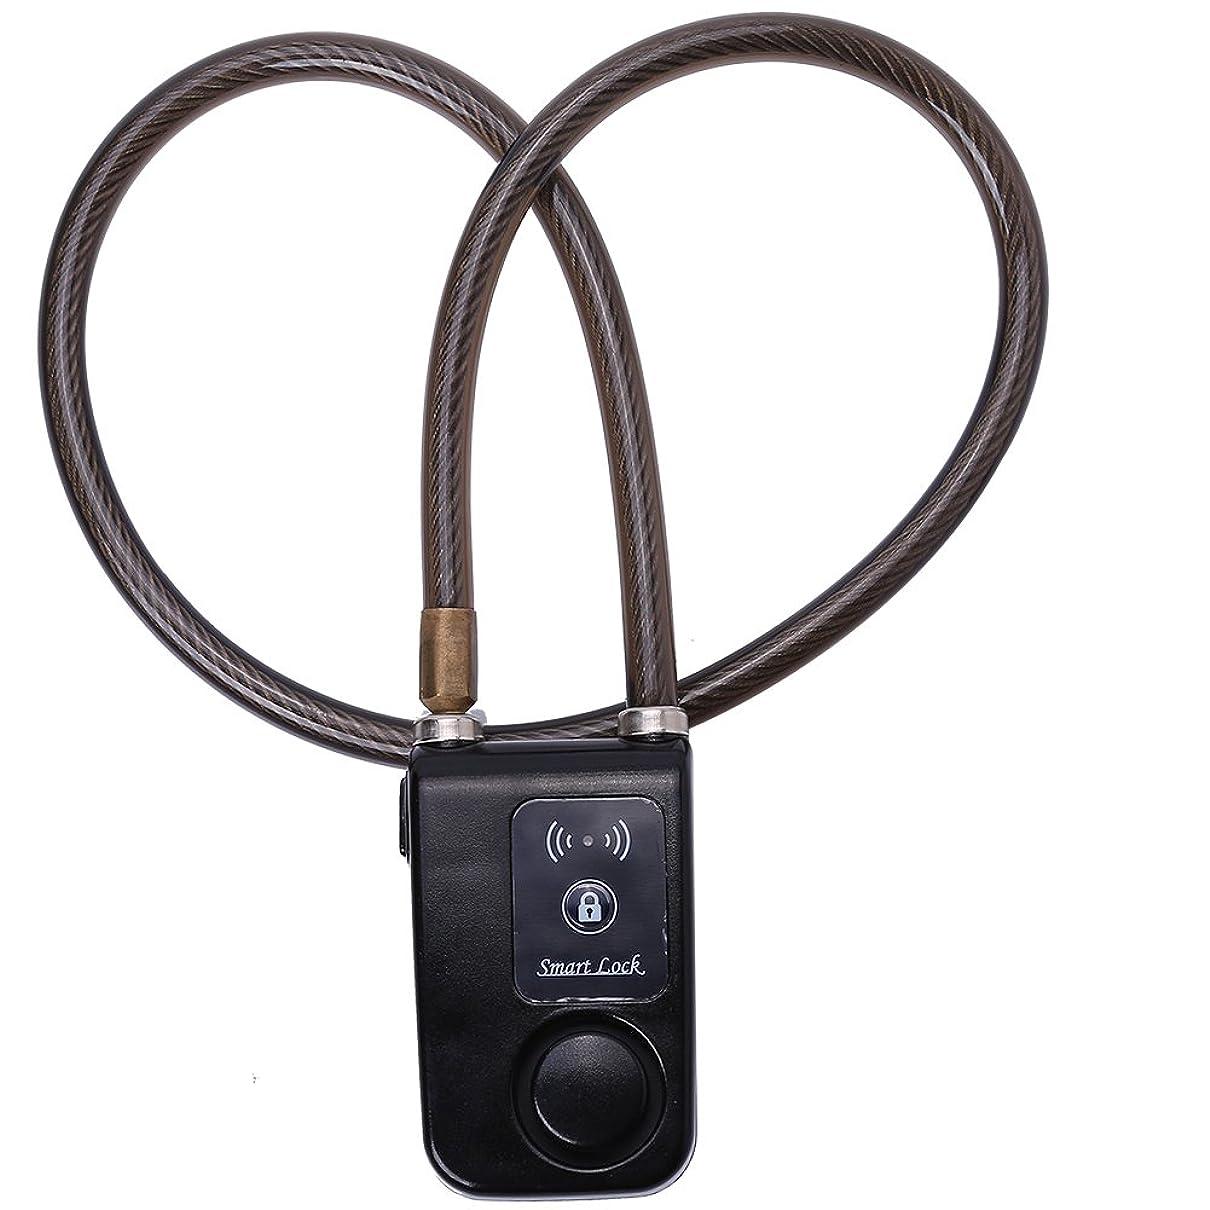 観察速報サイクル自転車 バイク チェーンロック スマートロック キーレス アラームロック 電話APP制御 105dB 盗難防止 自転車 オートバイ ゲート用 80cm(01)